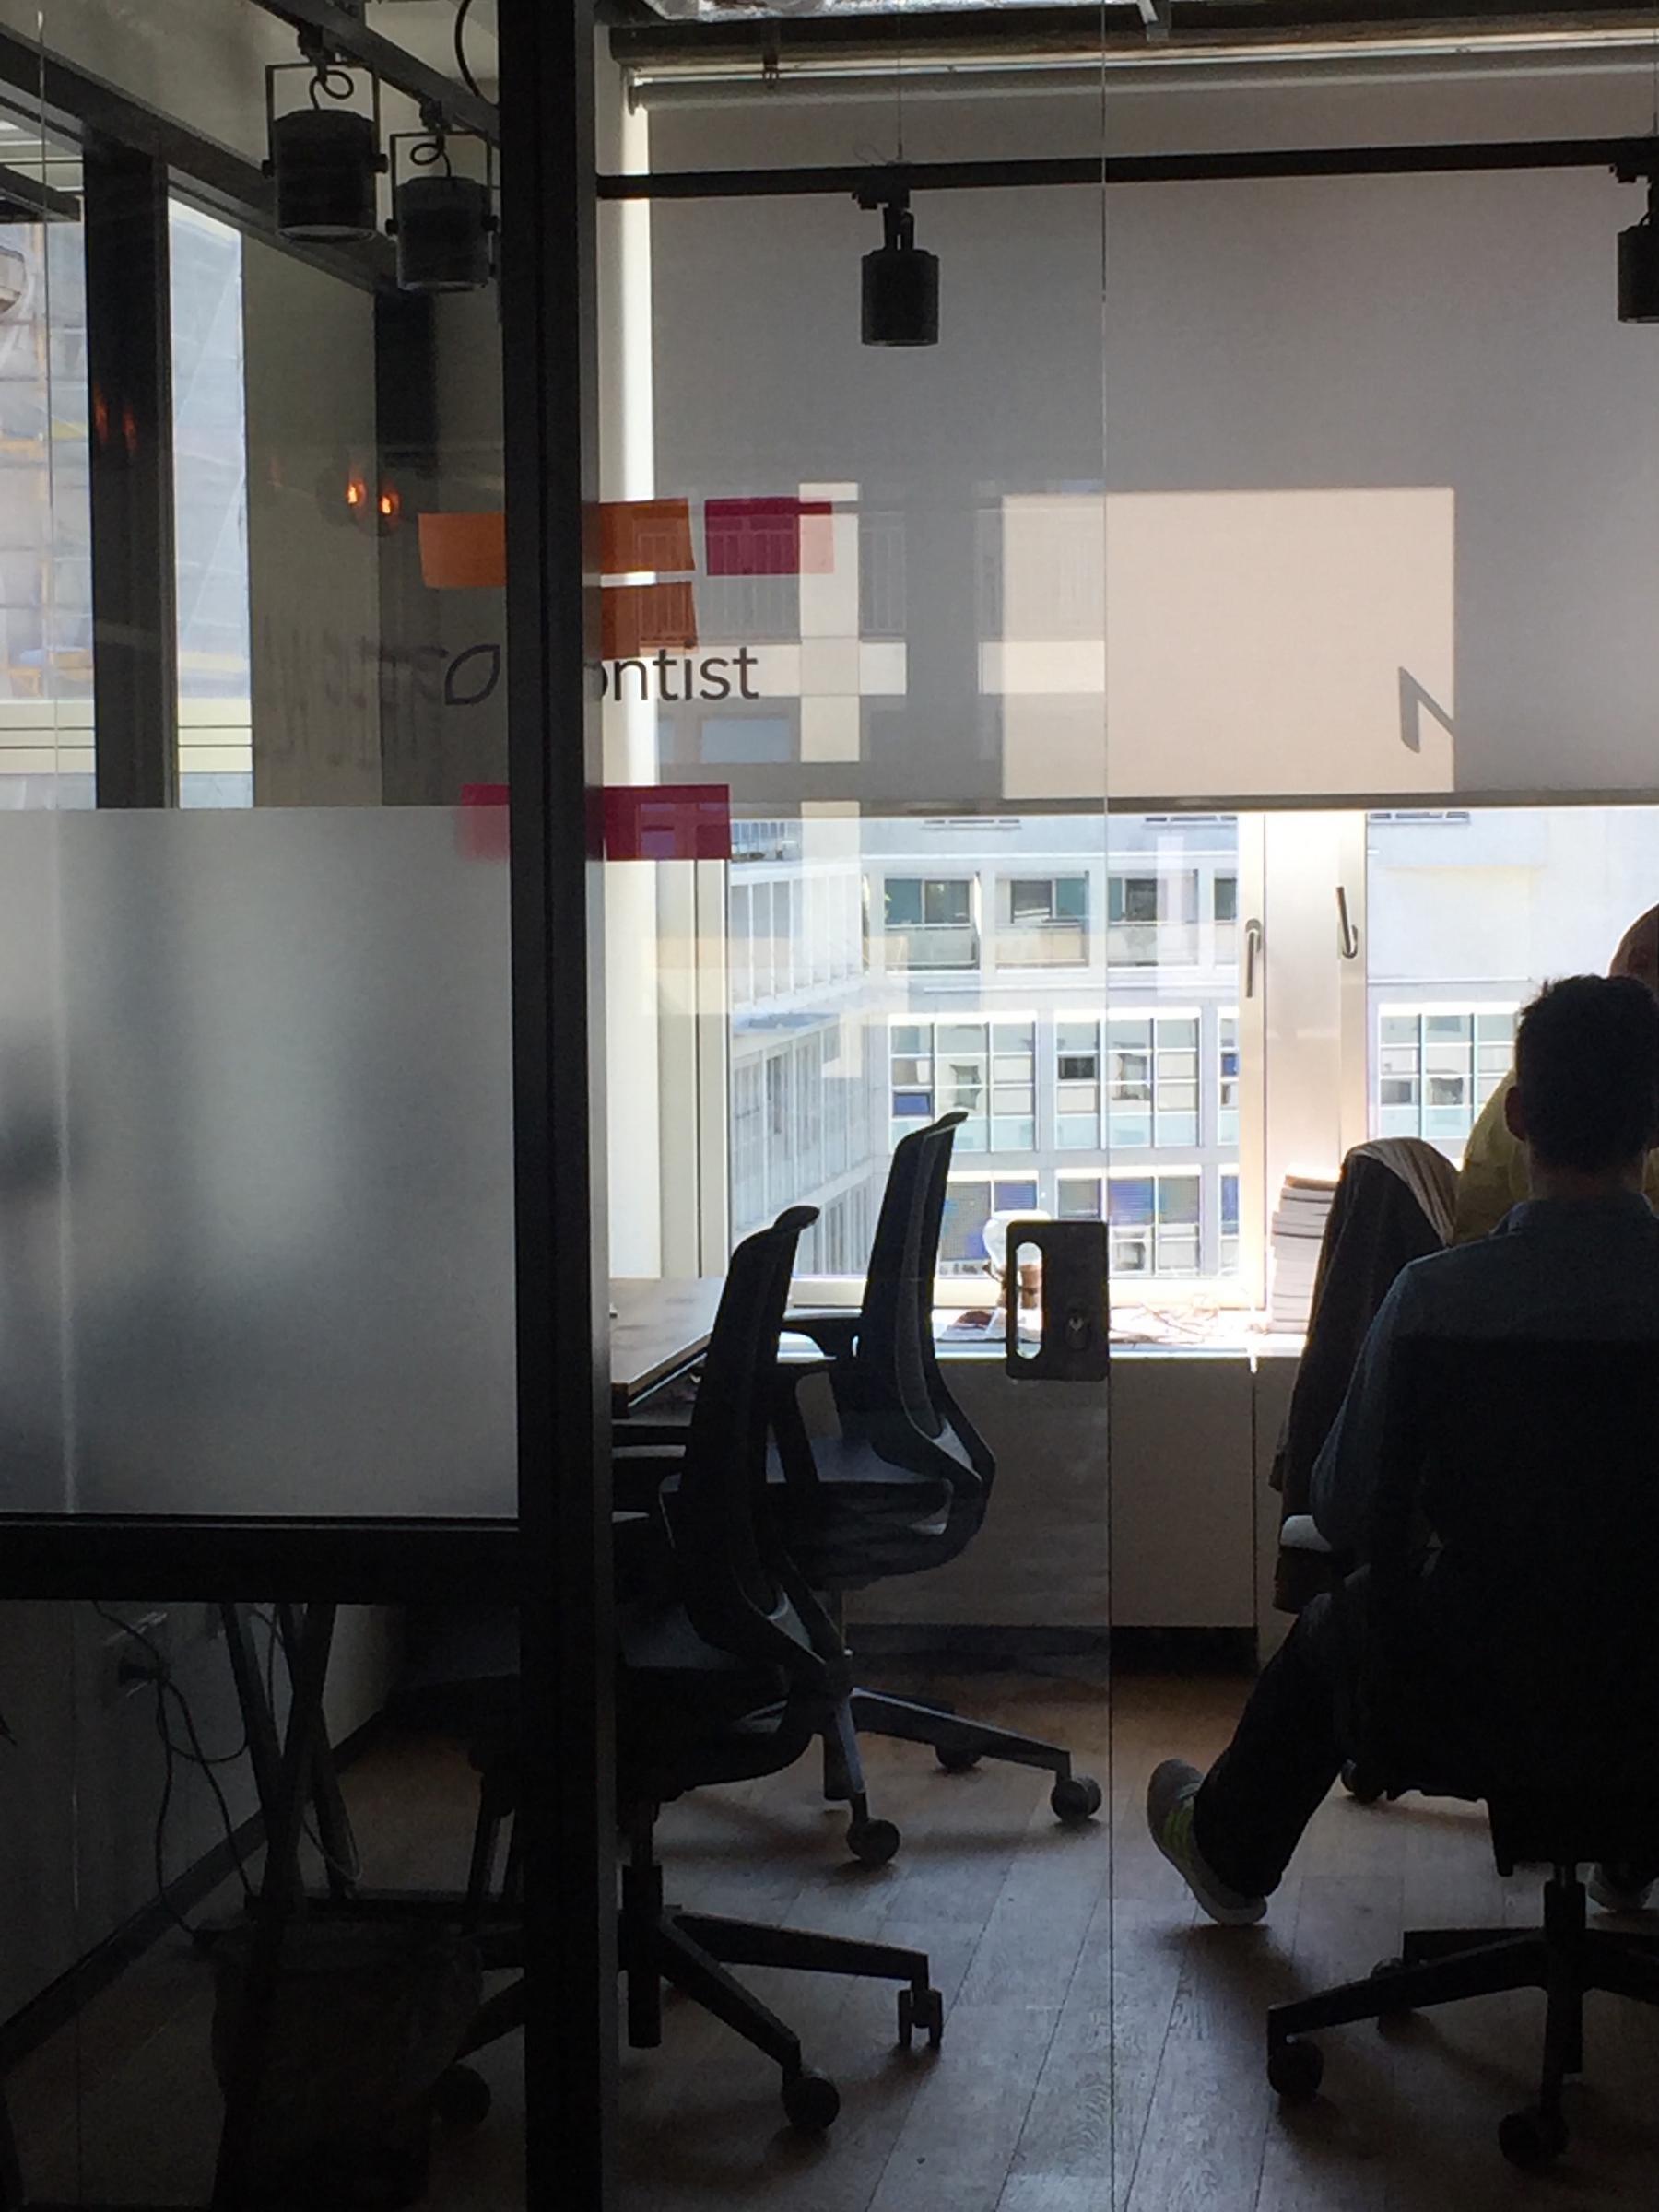 Kontist Mindspace office